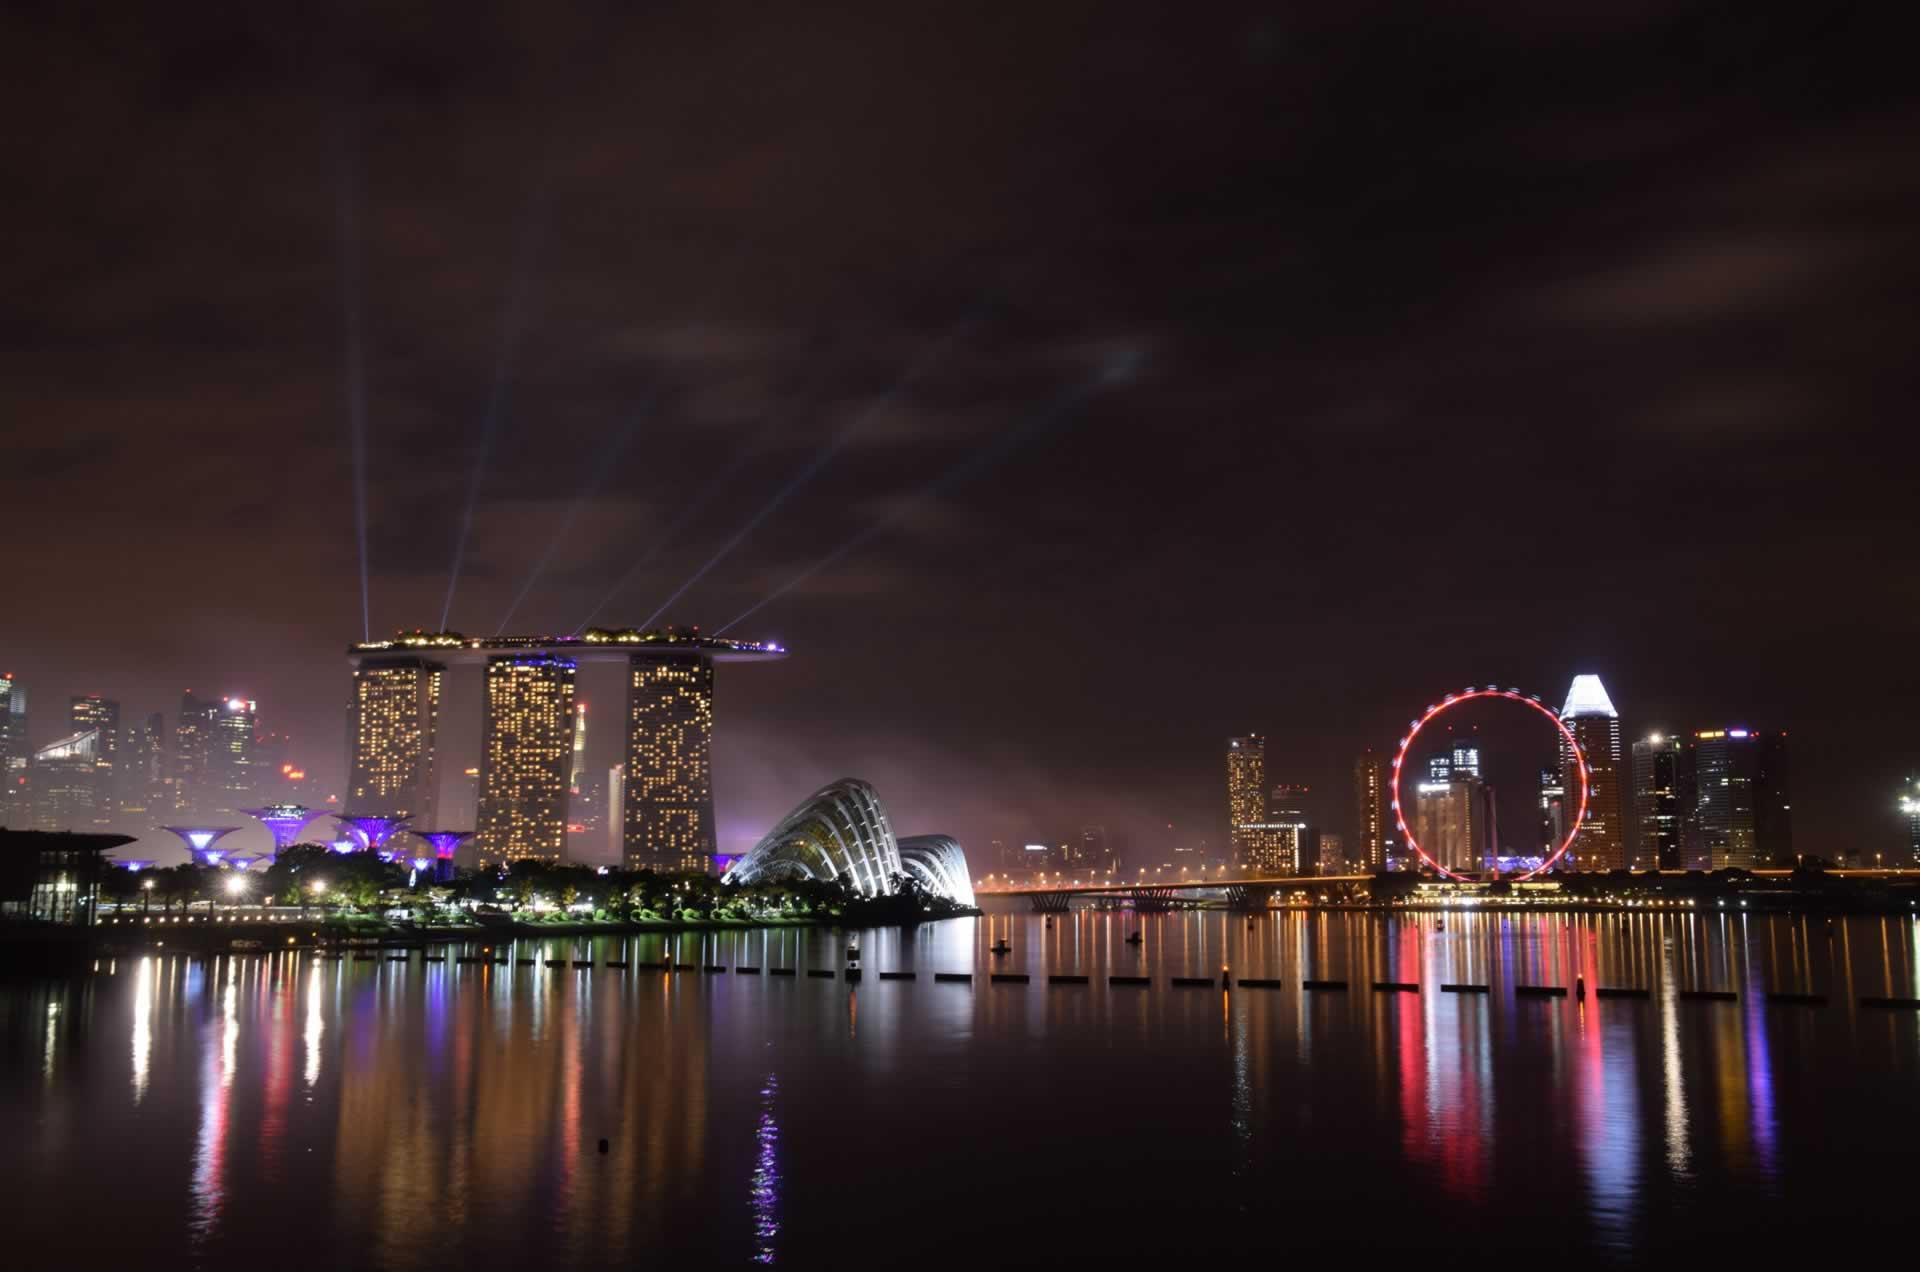 singapur1920